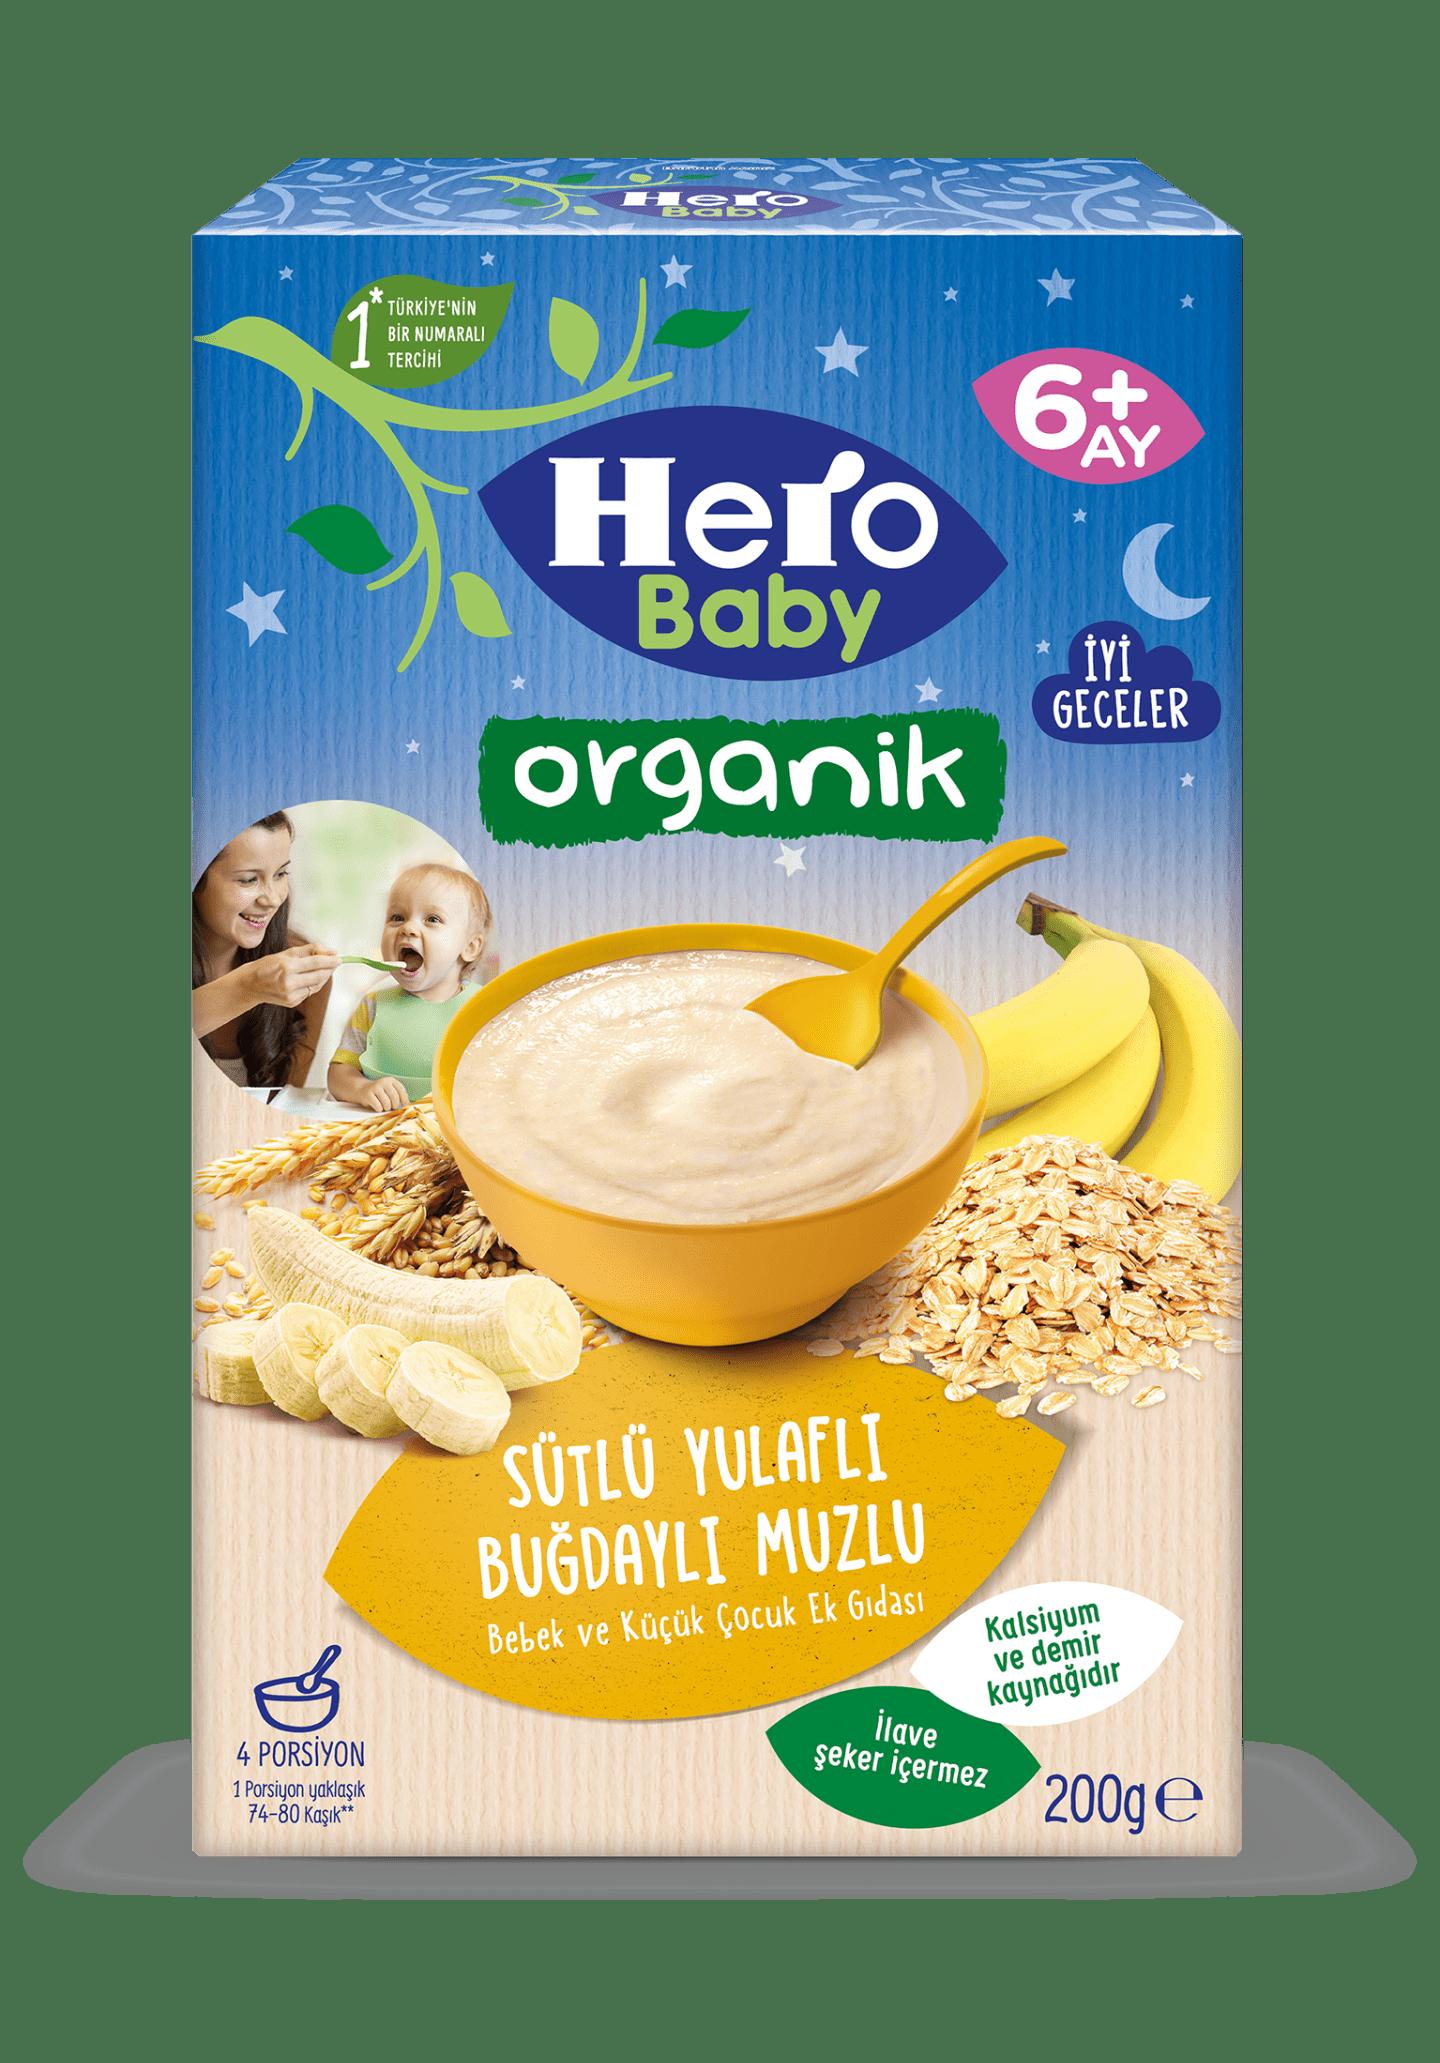 Organik Sütlü Yulaflı Buğdaylı Muzlu